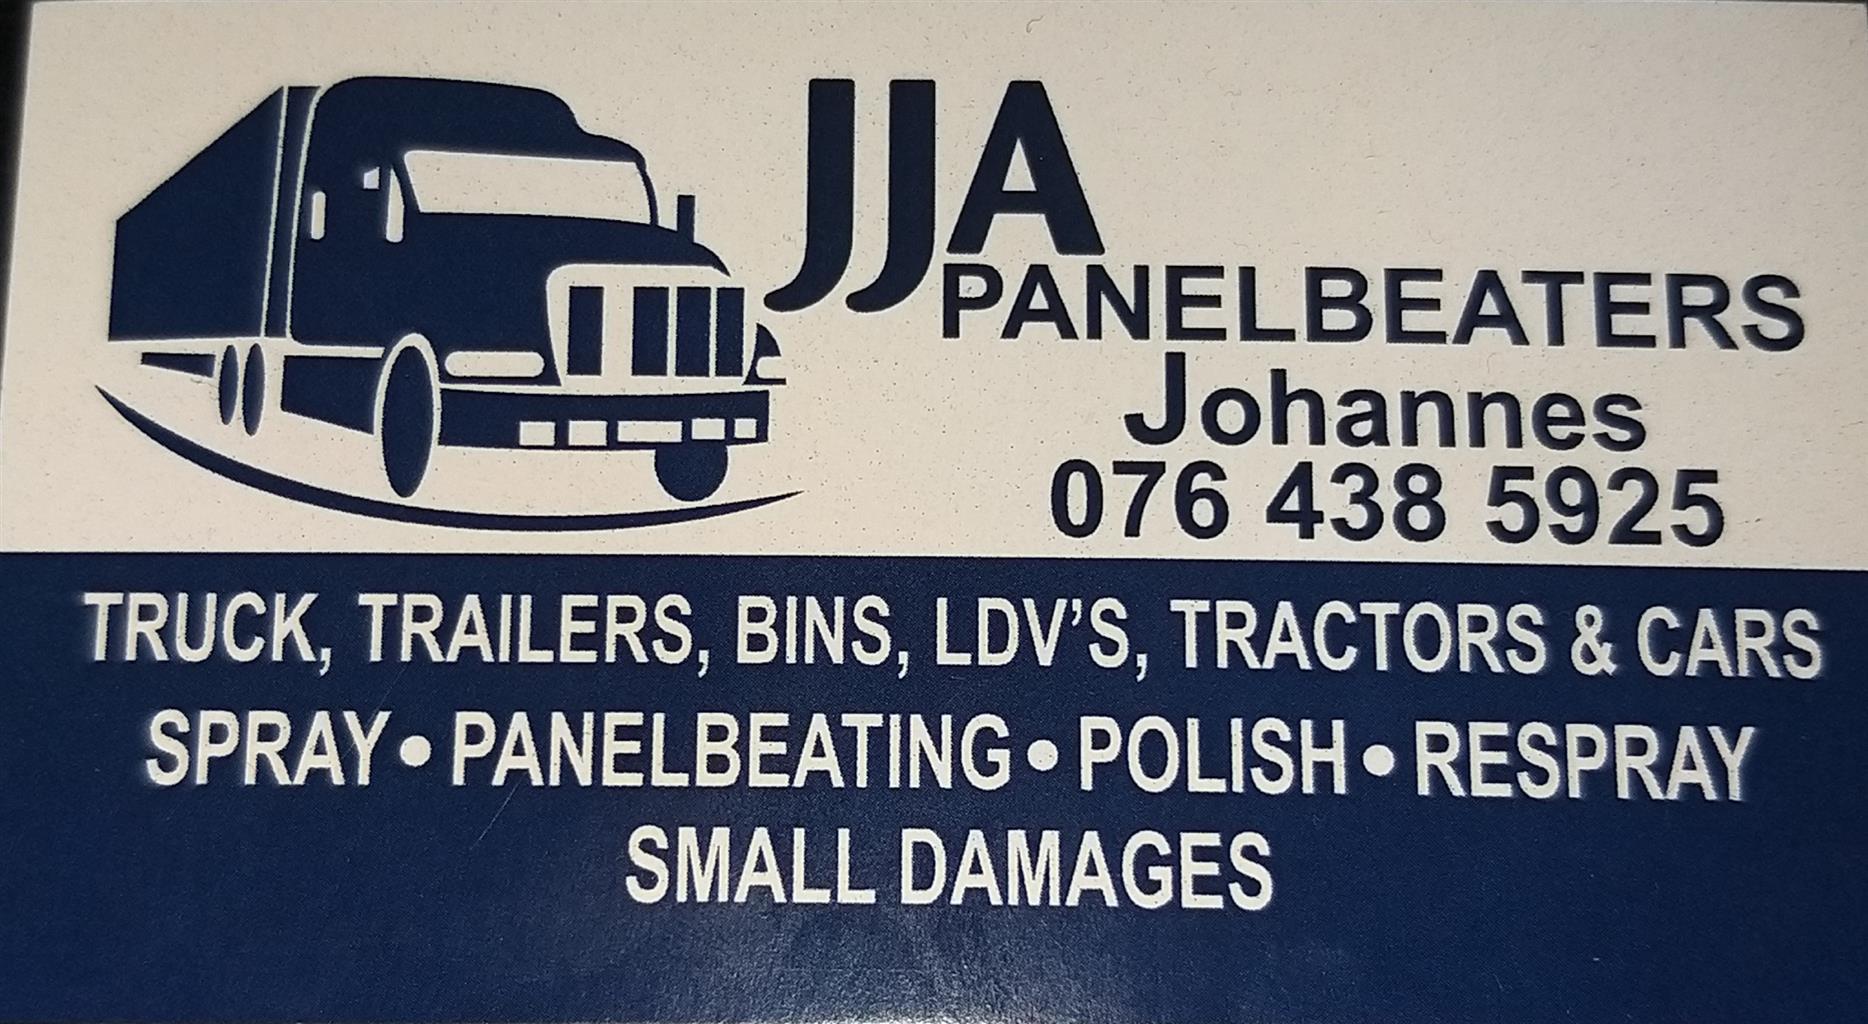 JJA -panelbeaters